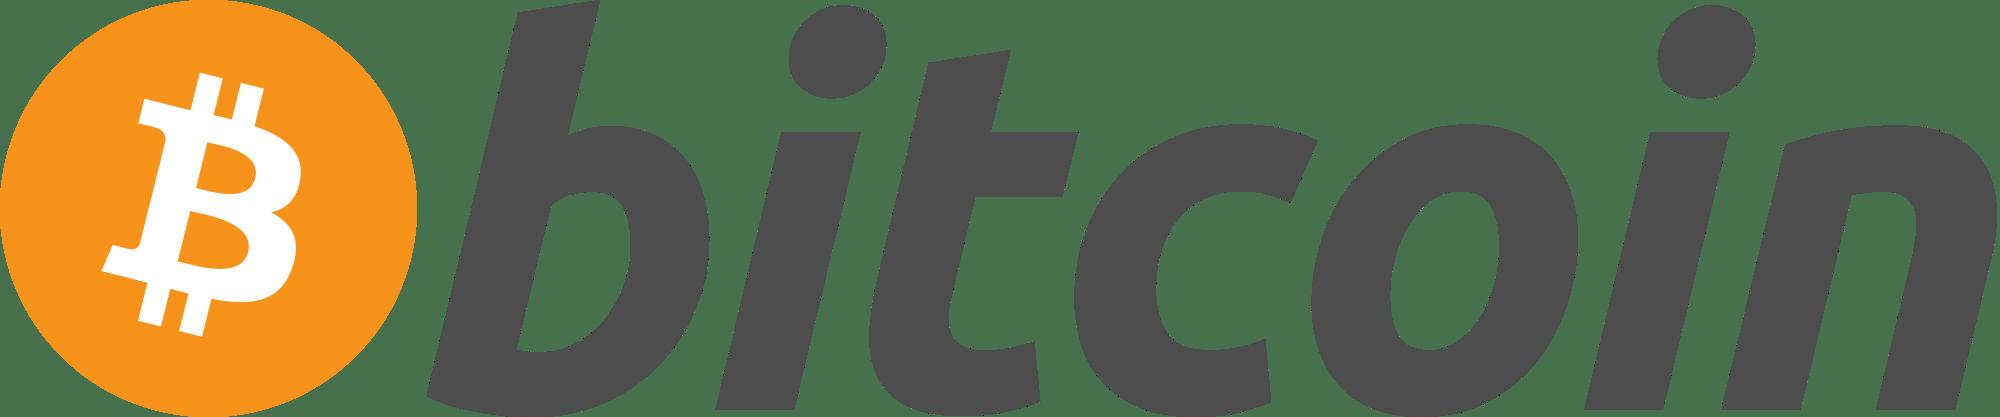 Aceptamos Bitcoin Accepted Here Pagp con Criptomonedas Bitcoin Litecoin